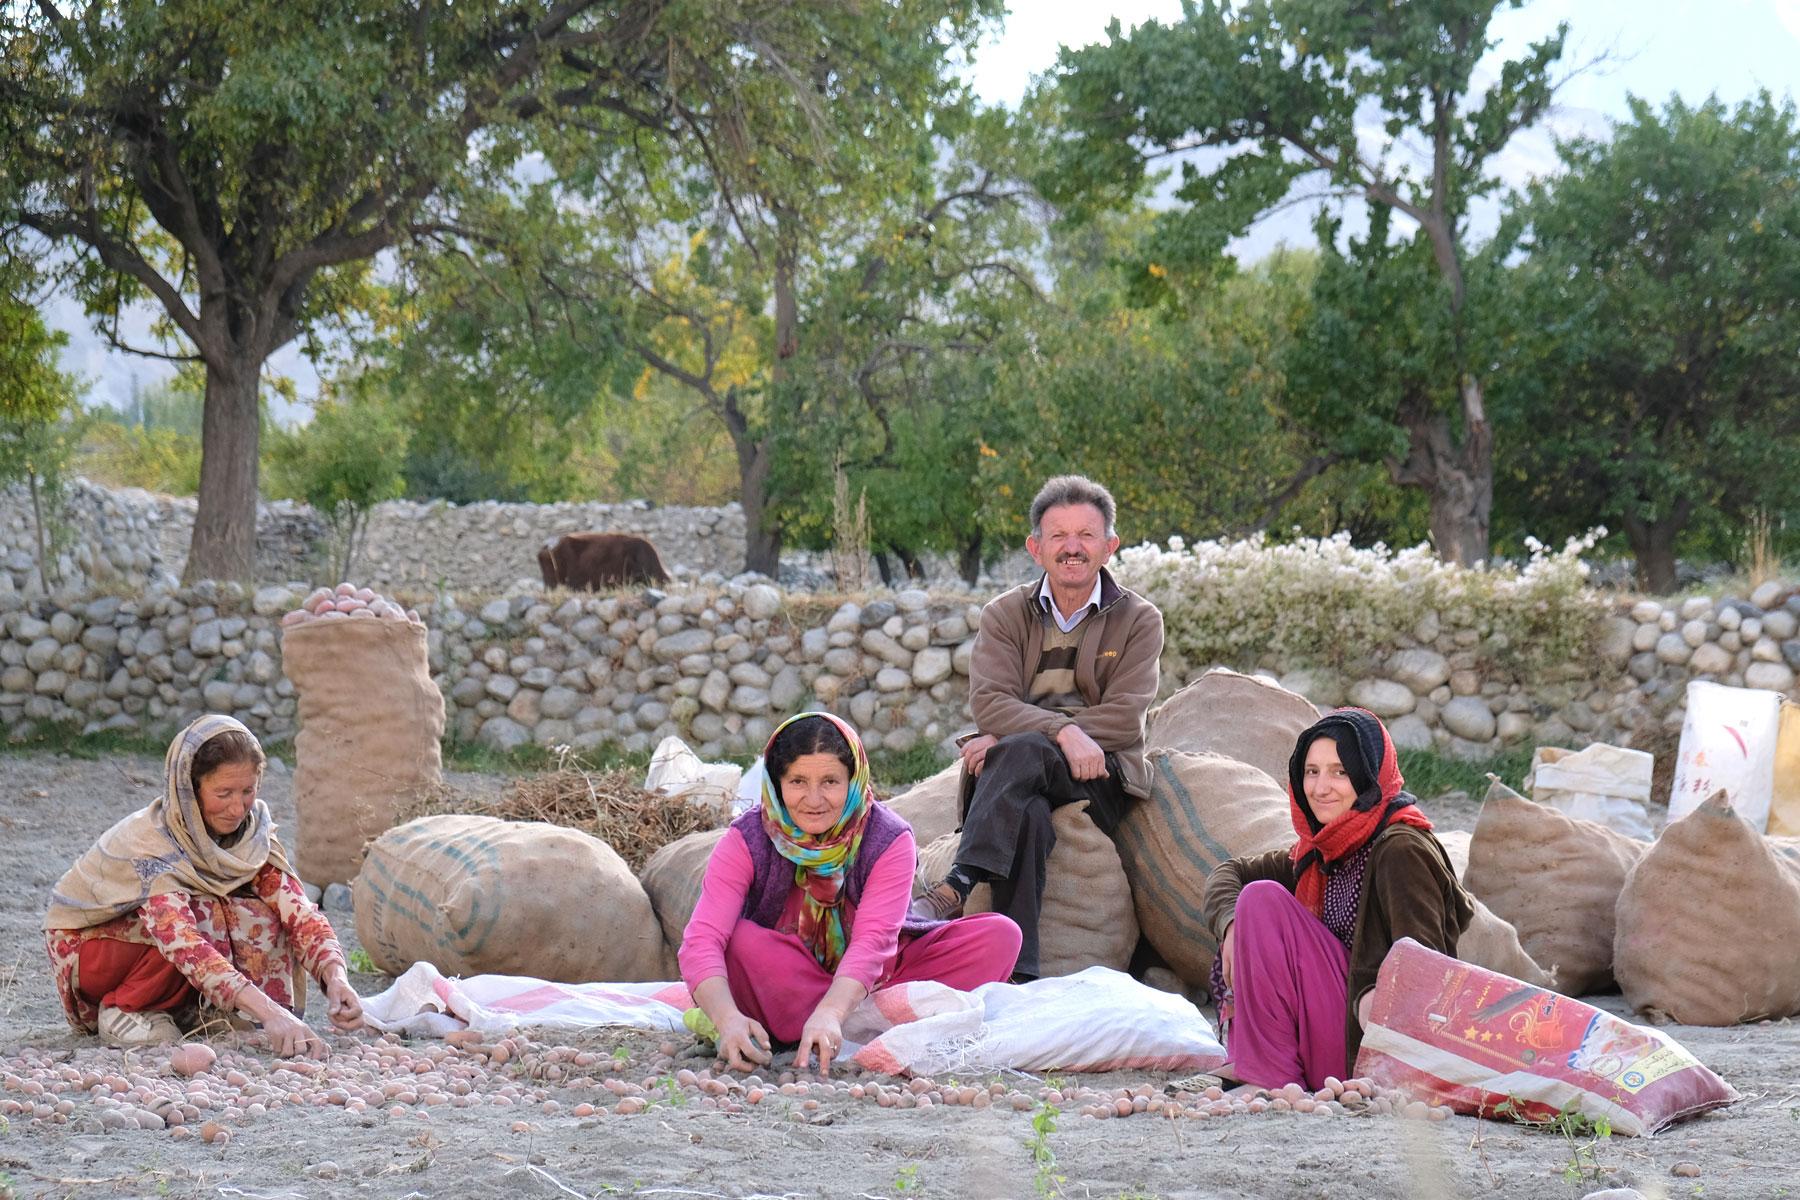 Menschen sitzen auf einem Feld in Pakistan und ernten Kartoffeln.